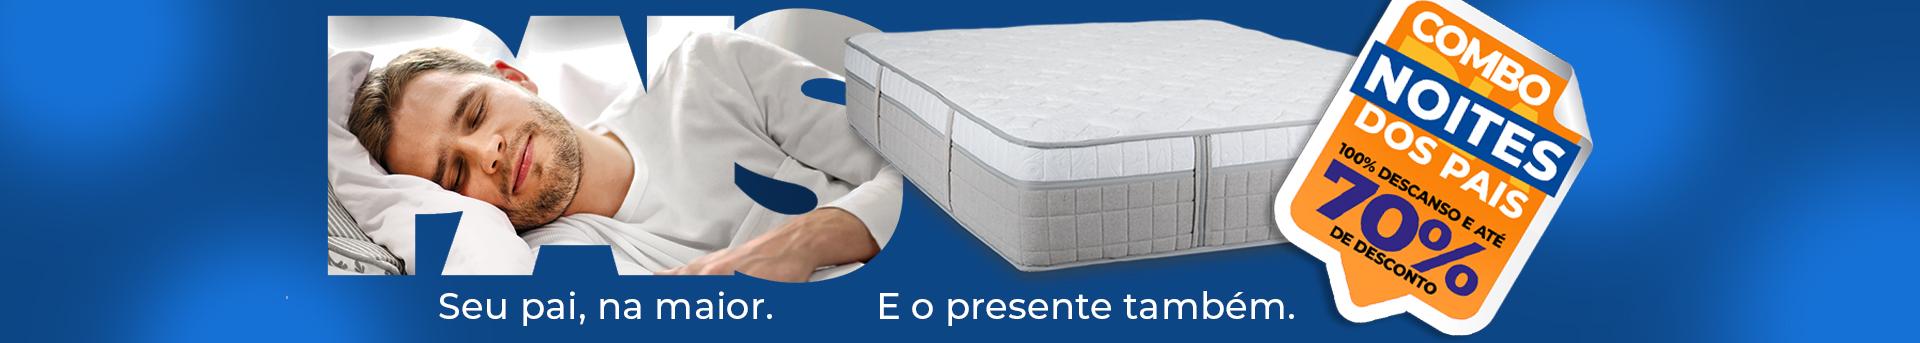 Banner DiadosPais Desktop